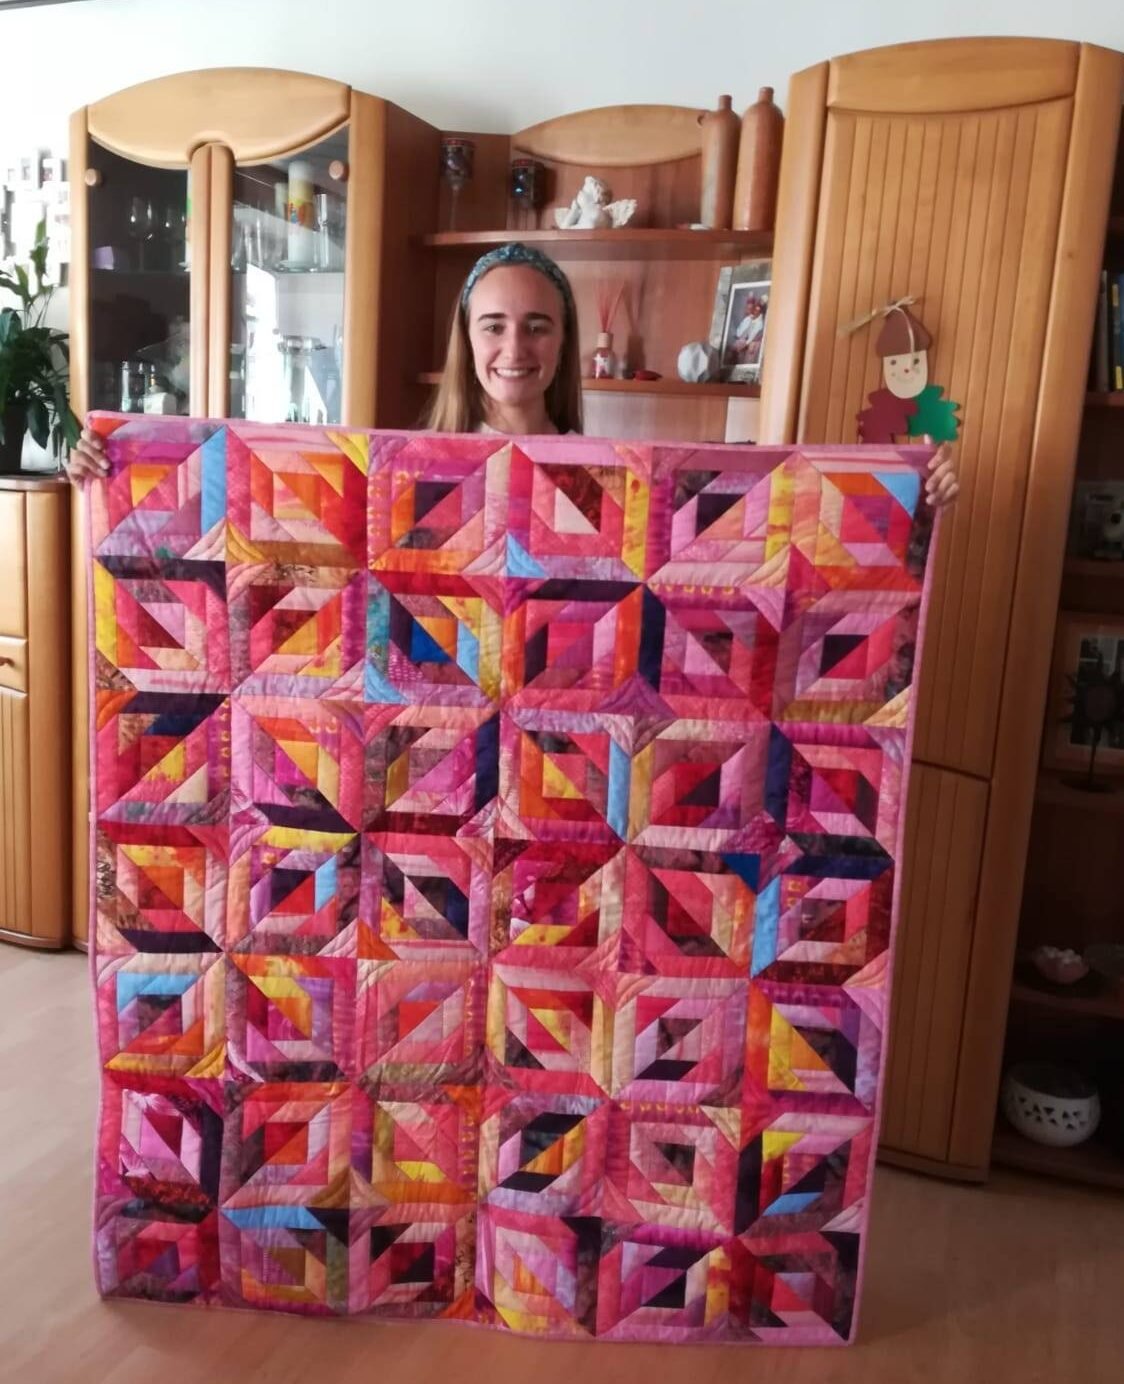 girl holding homemade quilt